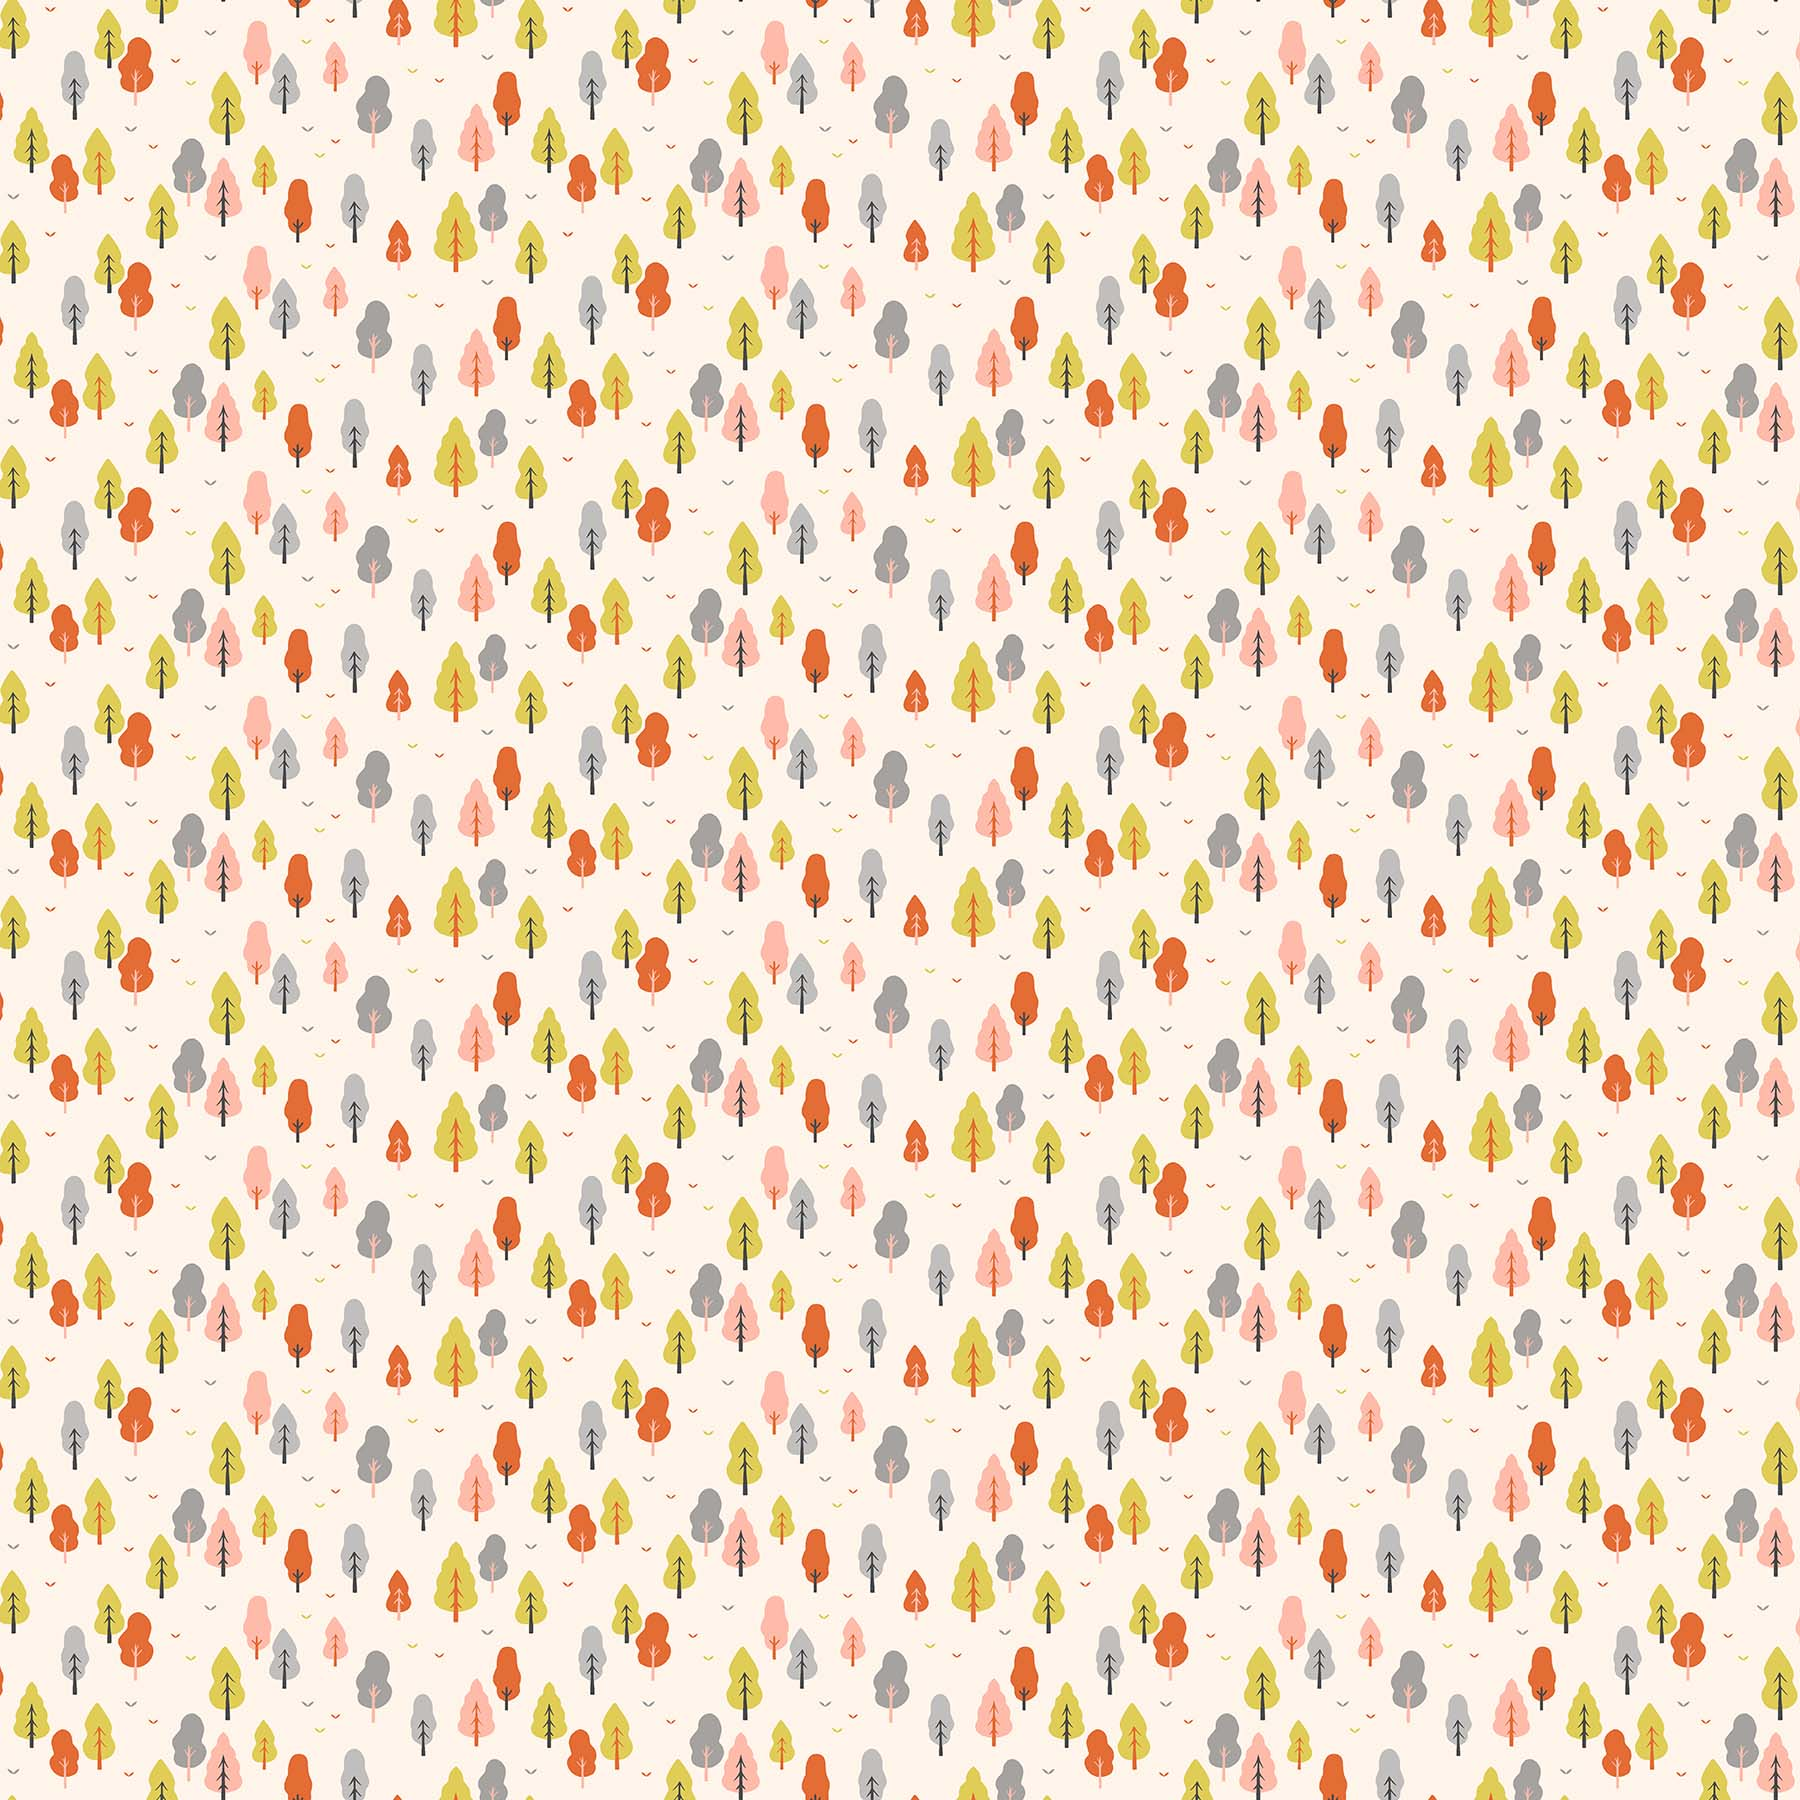 90023-11.jpg